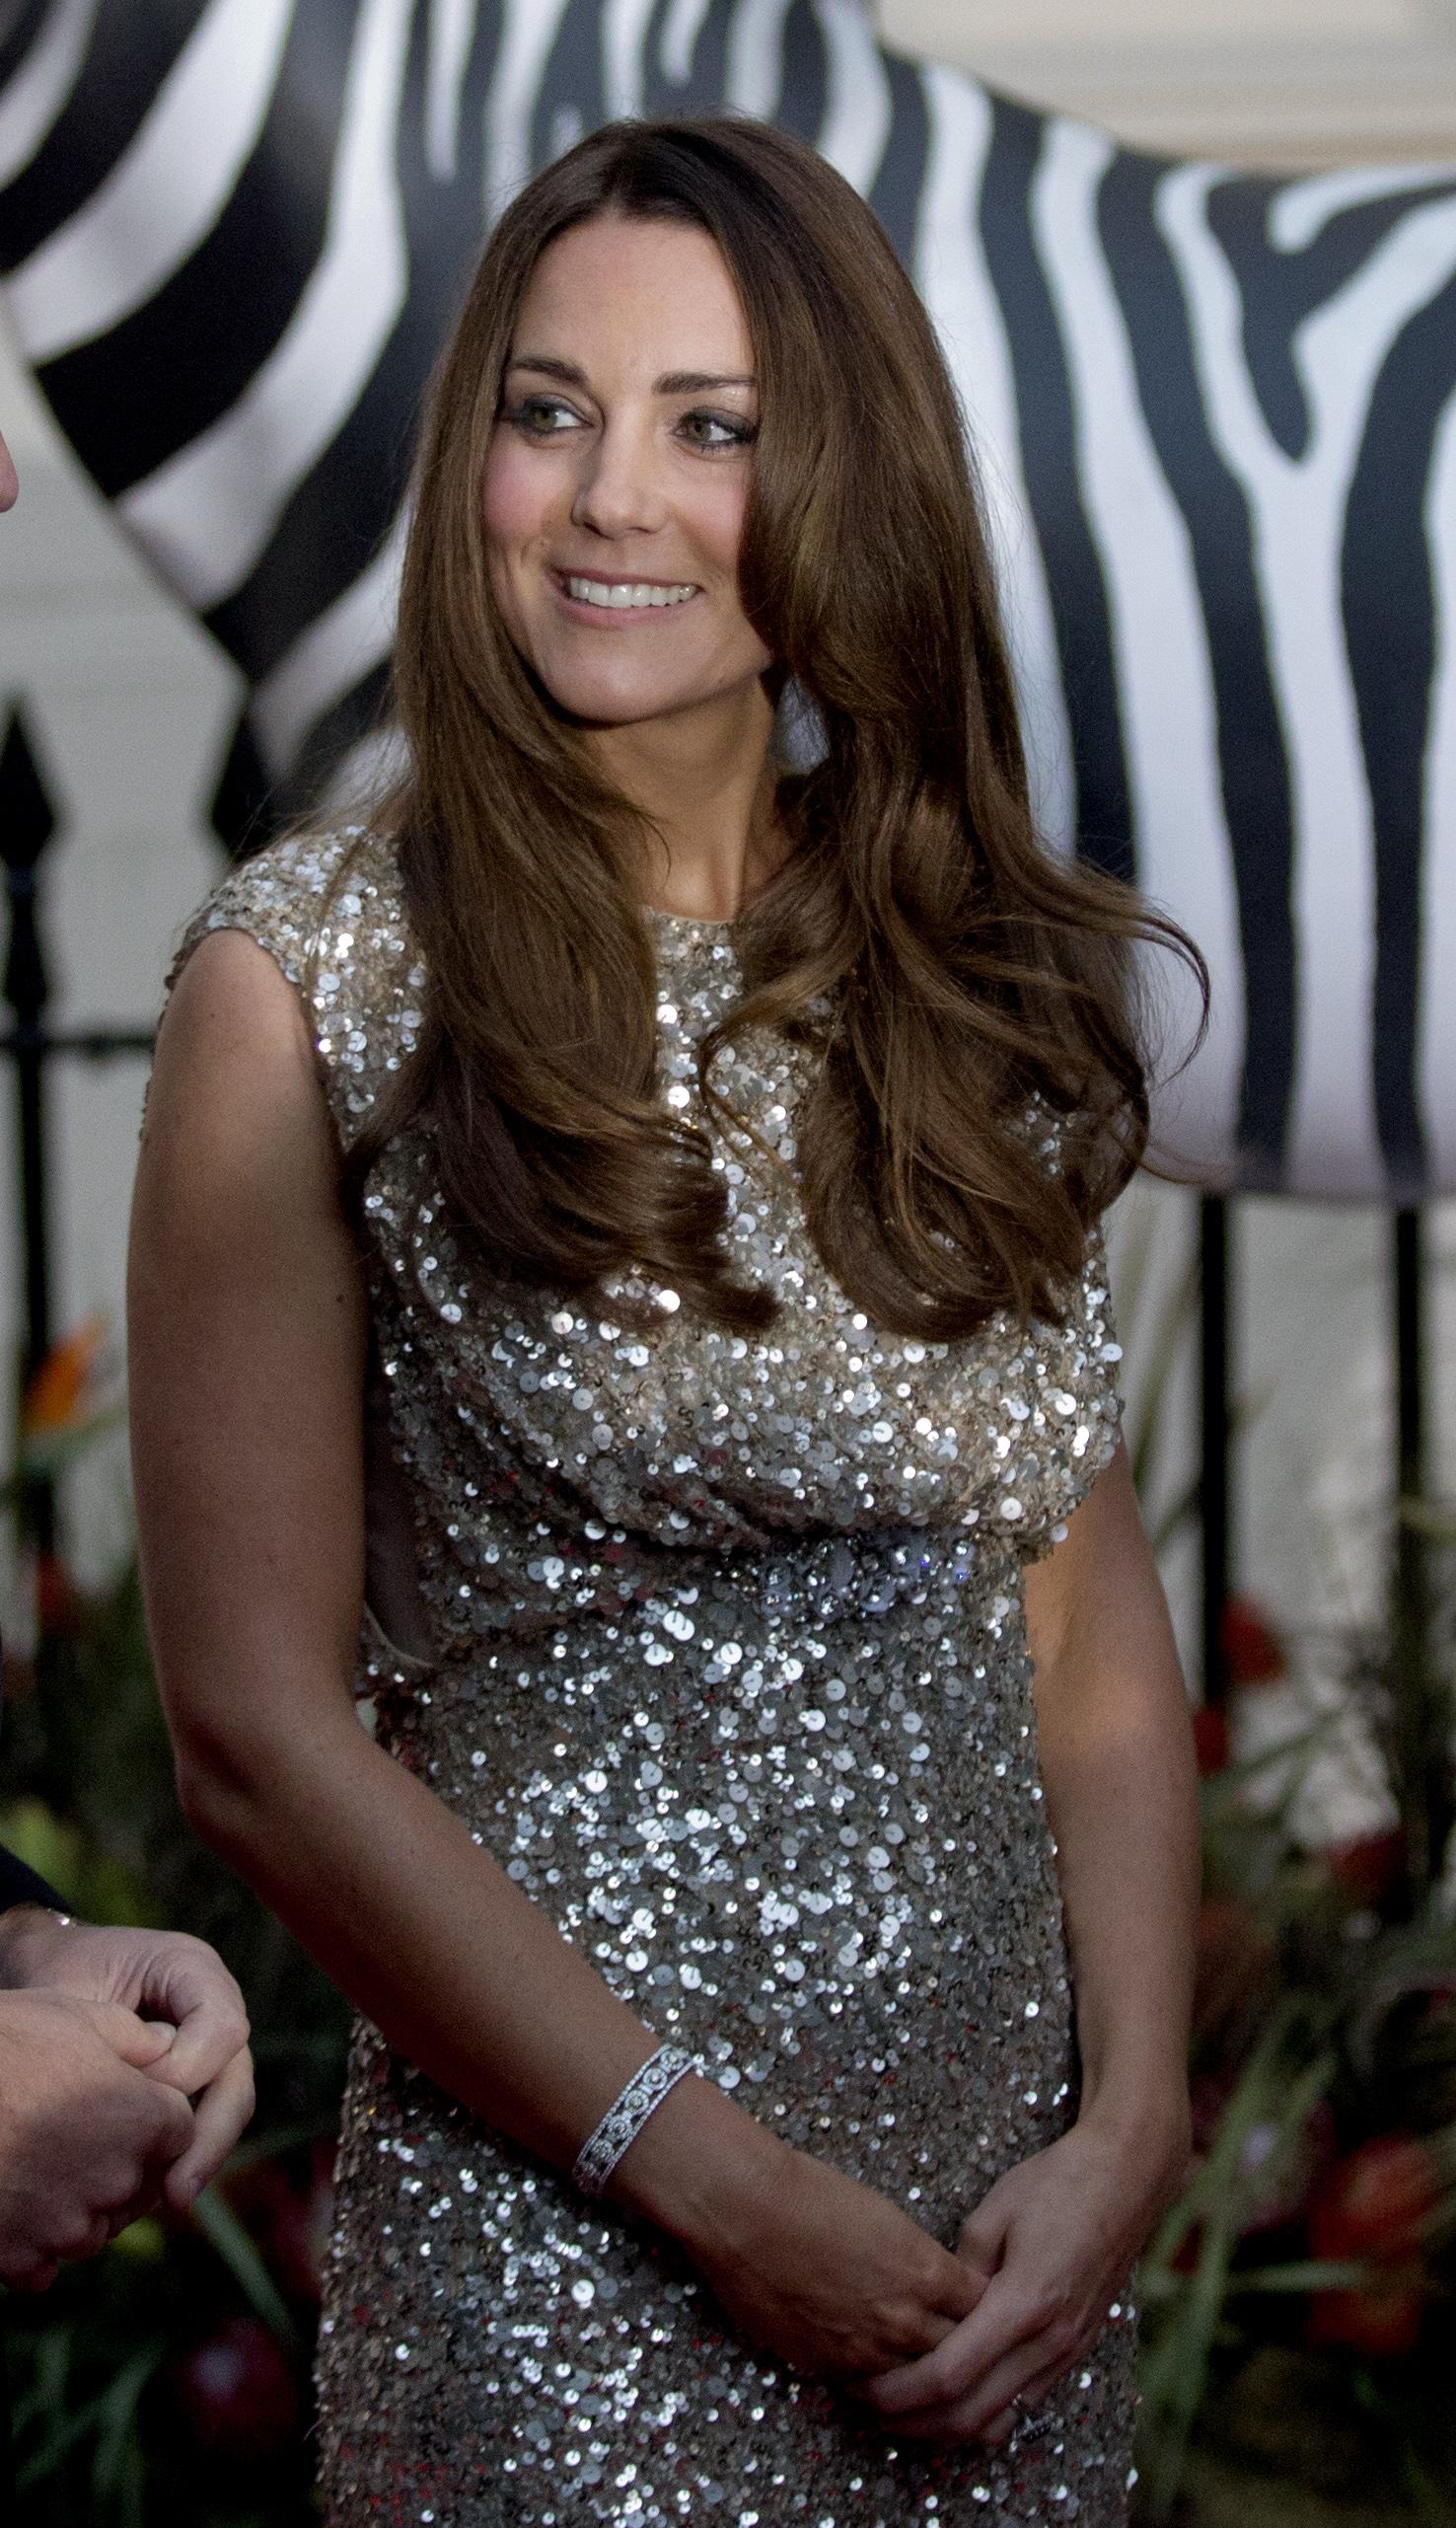 Кейт Миддлтон в знаковом платье с пайетками